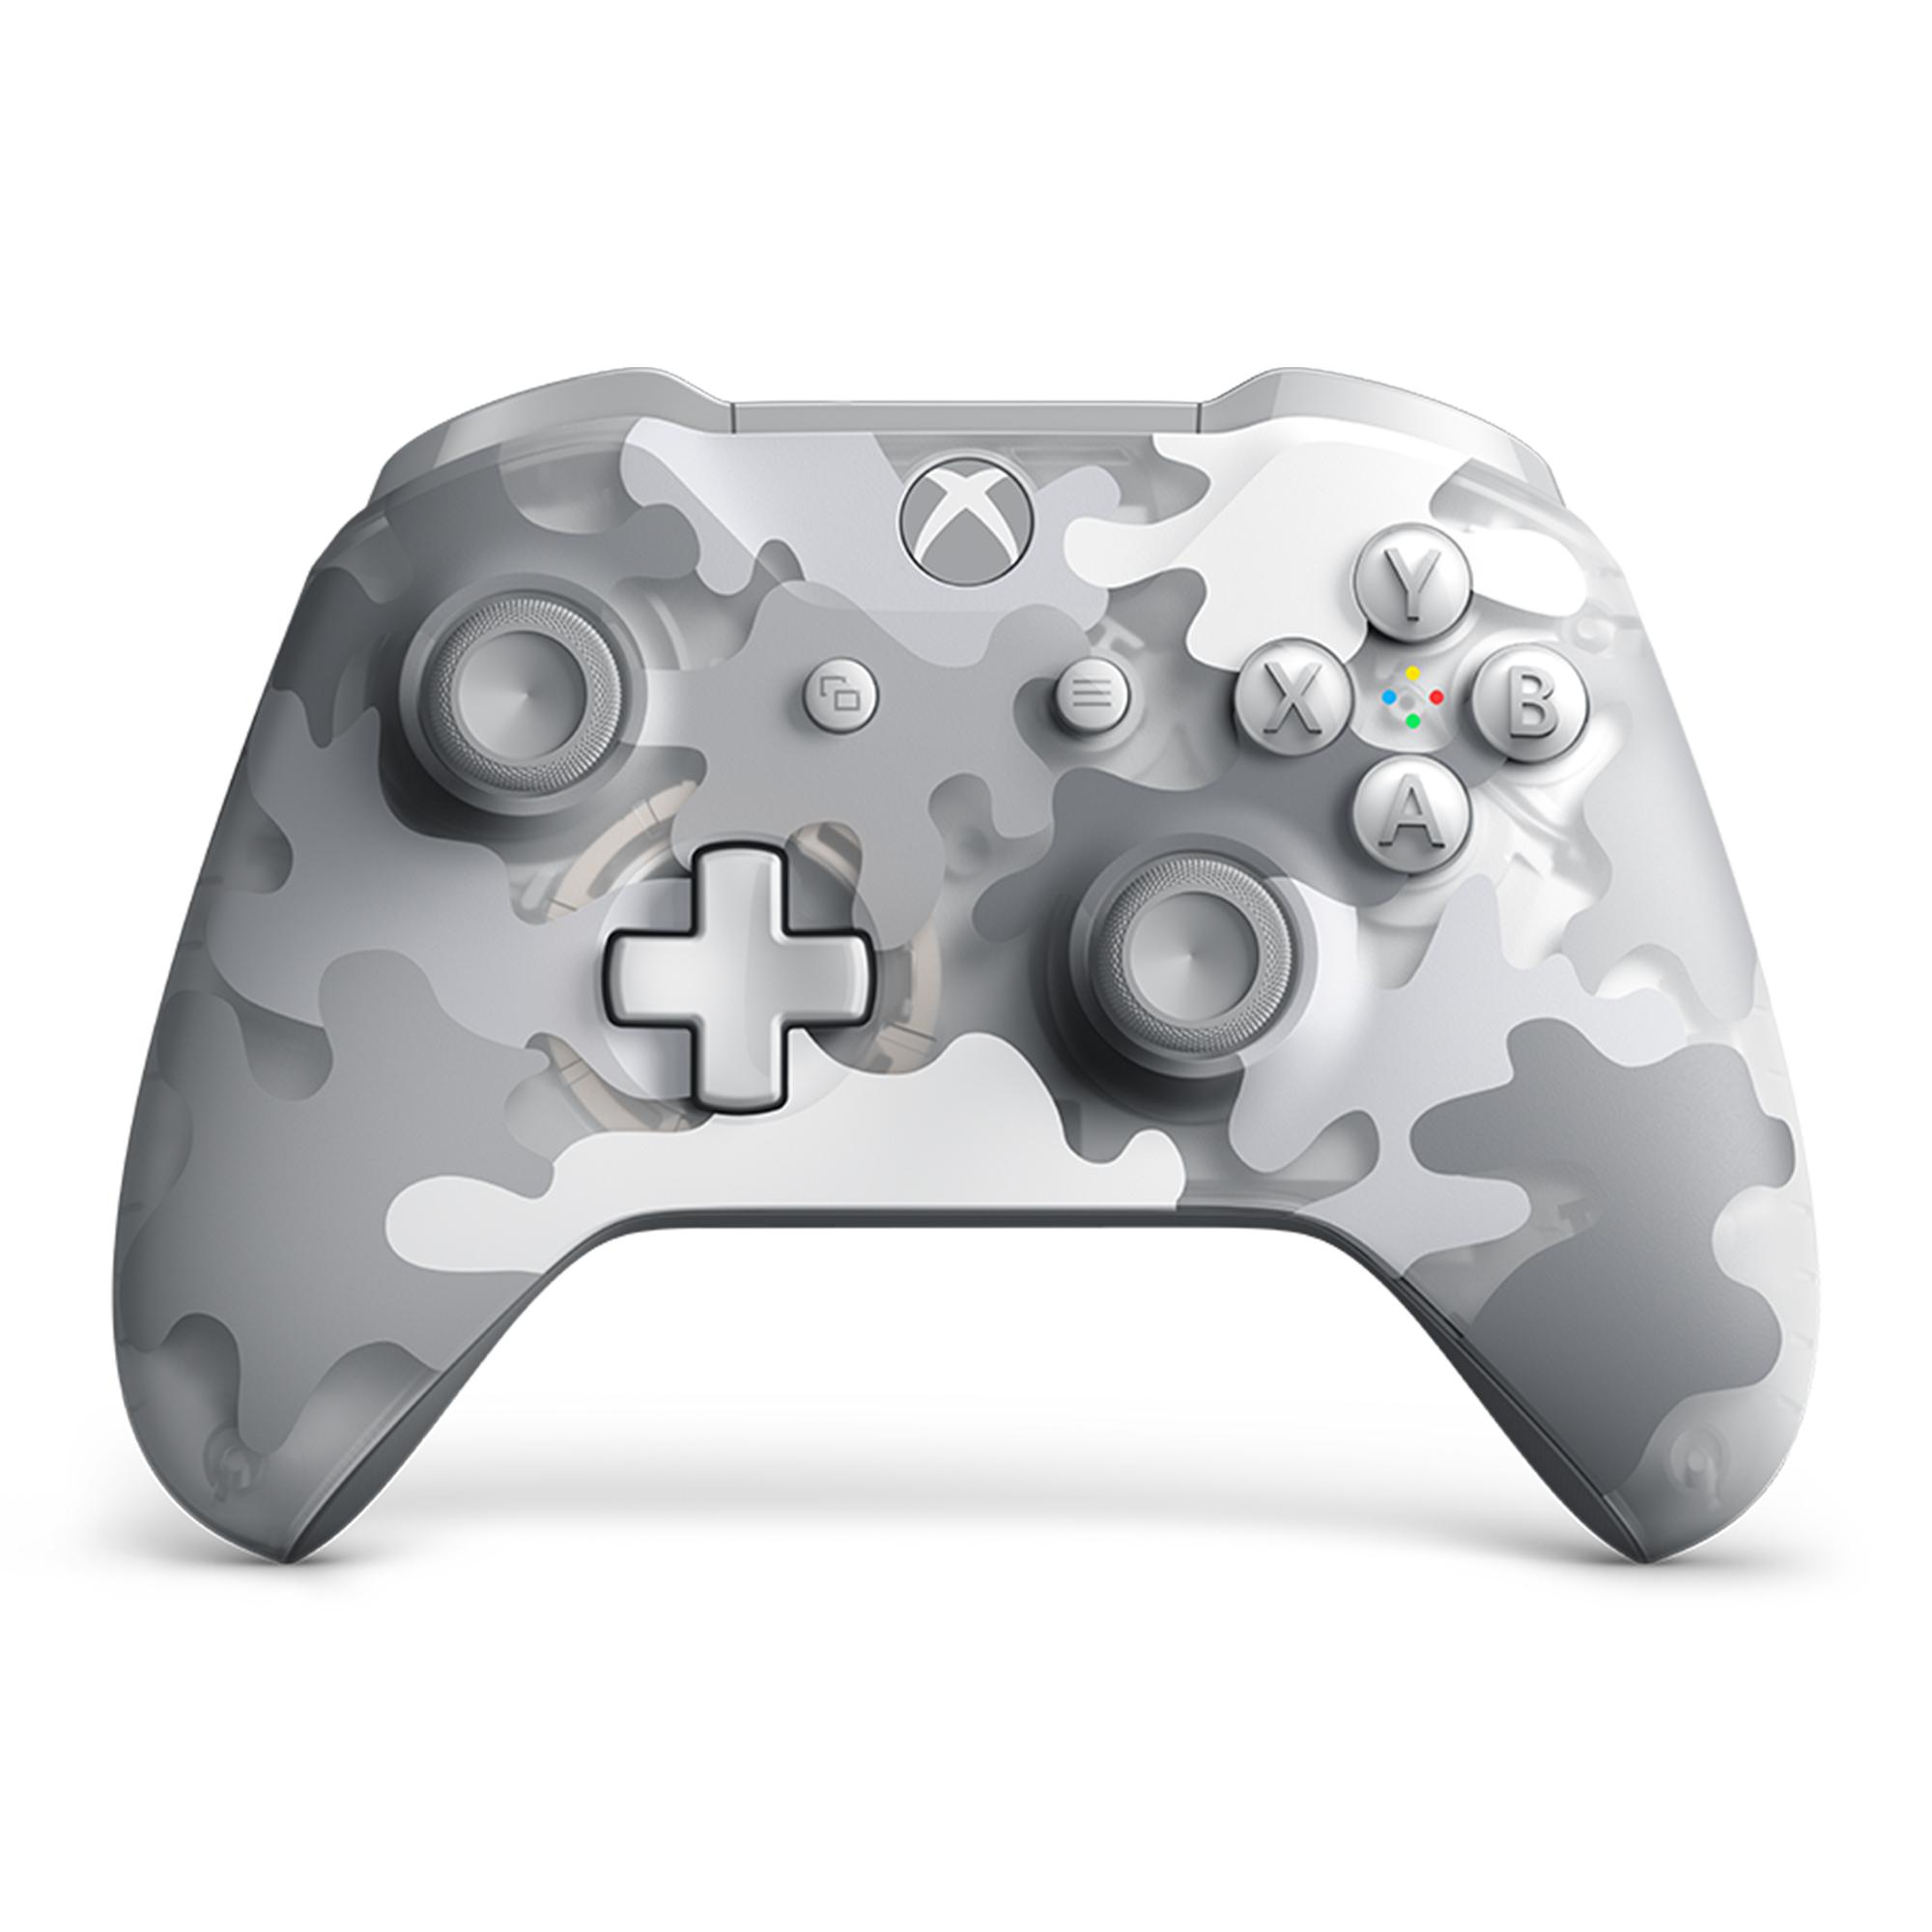 Microsoft Xbox Controller, Arctic Camo Special Edition Controller $39 + Free Shipping